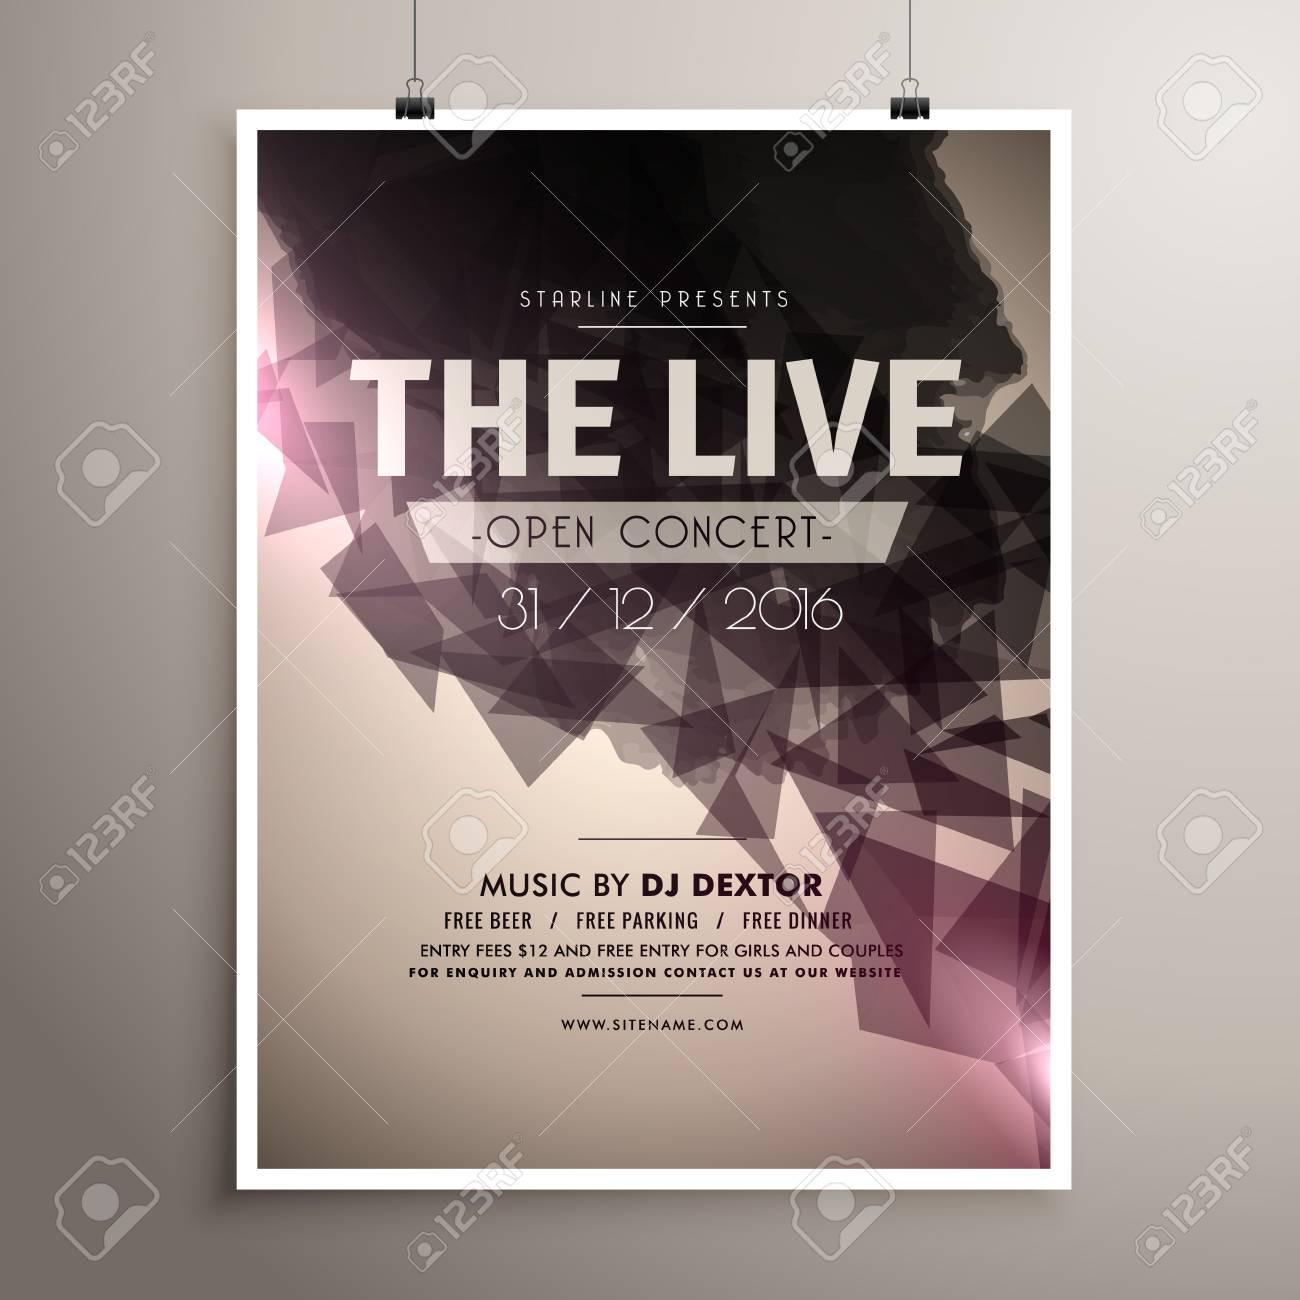 Elegrant Live Concert Music Flyer Brochure Template Stock Vector 66228980